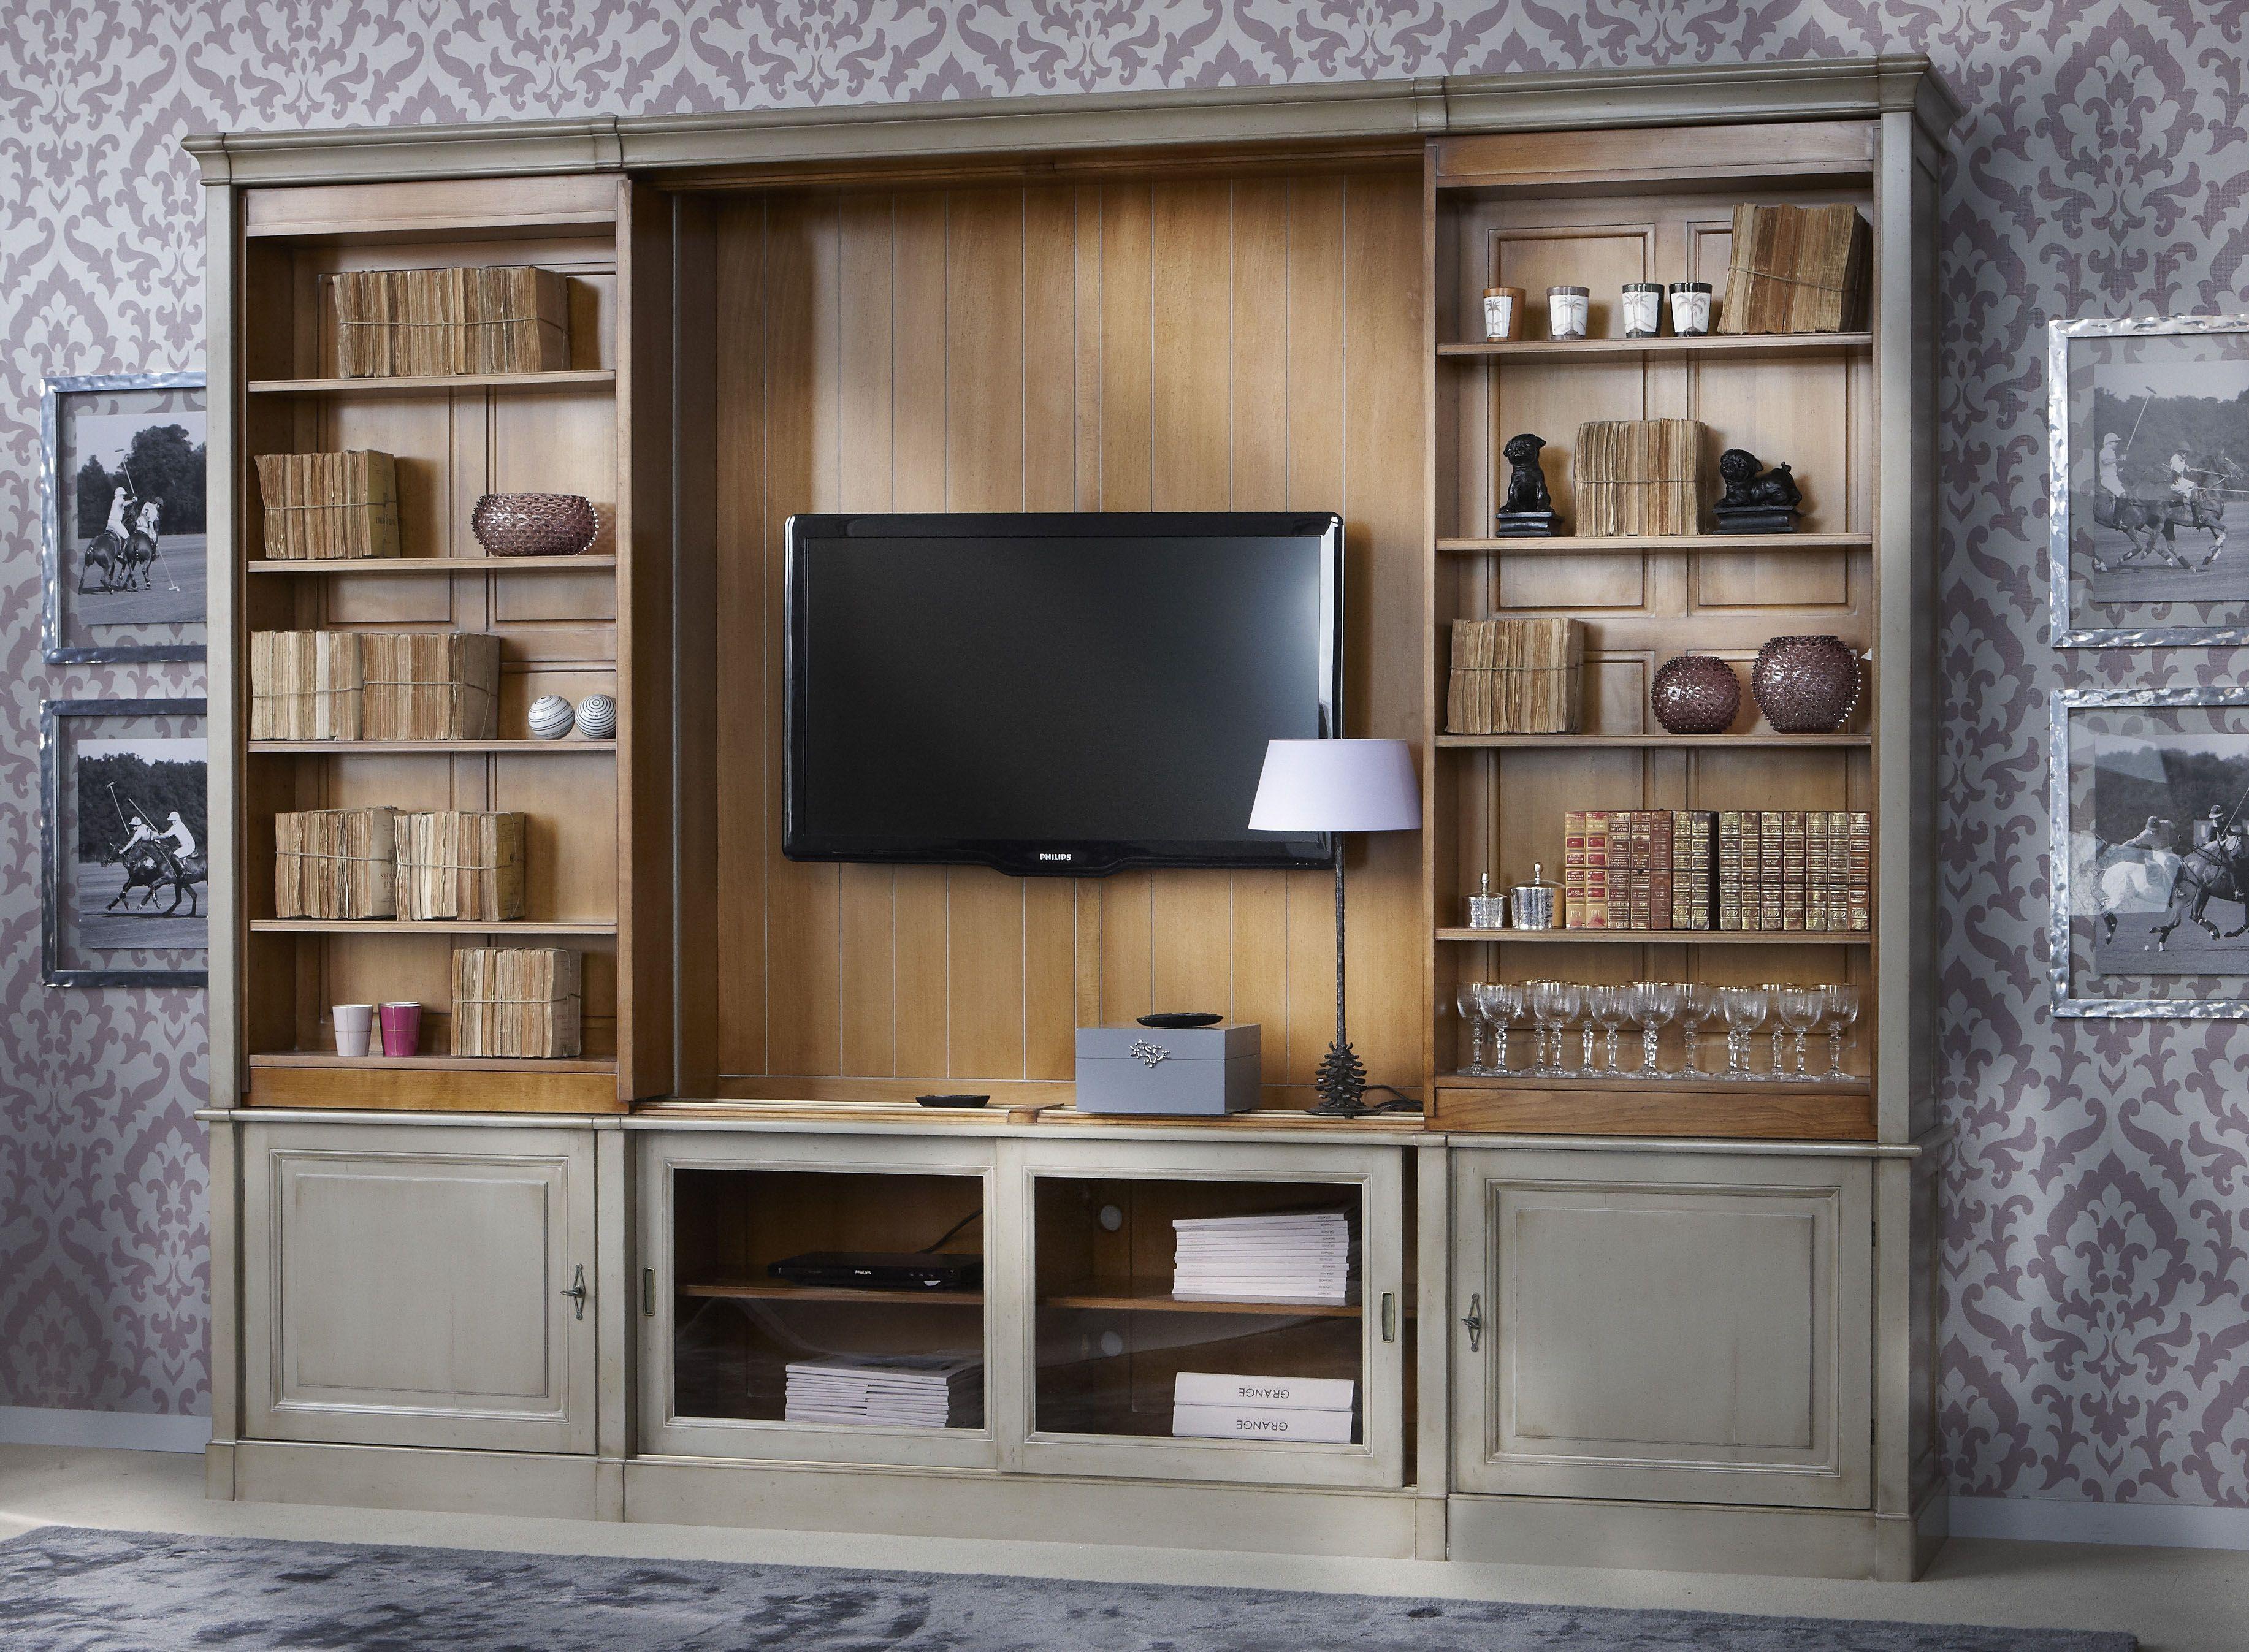 Directoire Sliding Shelves Tv Custom Wall Unit Mobilier De Salon Salle De Sejour Idees Pour La Maison